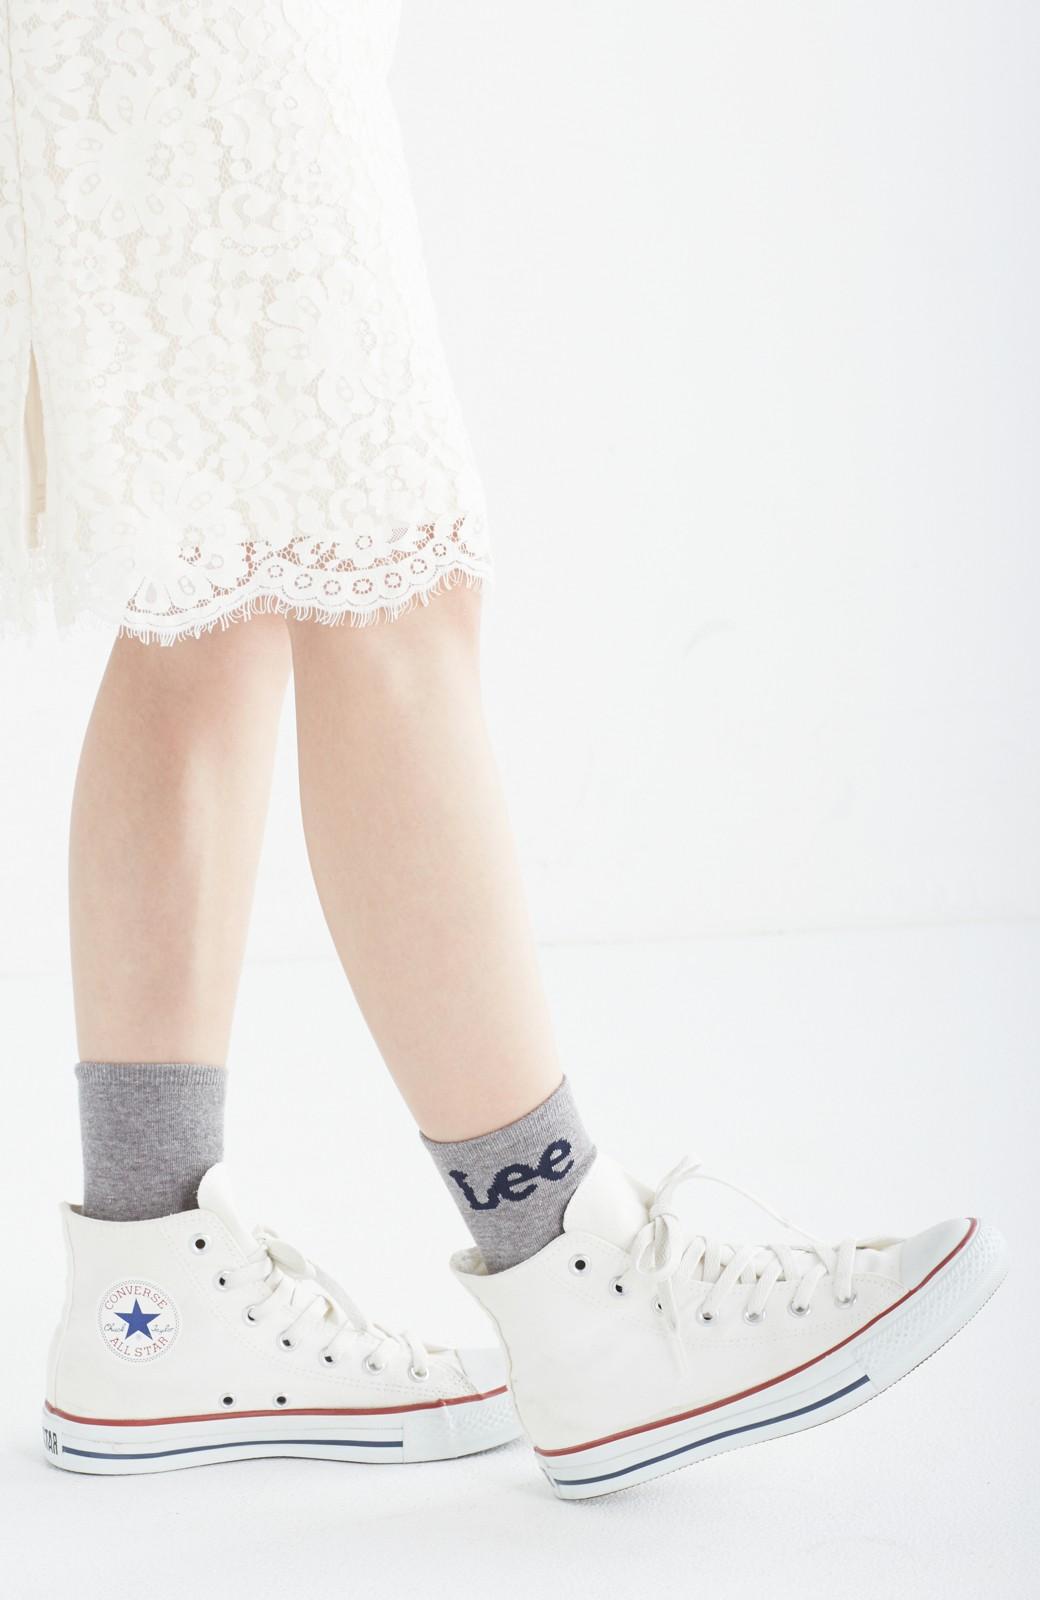 haco! Lee ロゴがかわいいハイカットソックス <グレー>の商品写真3